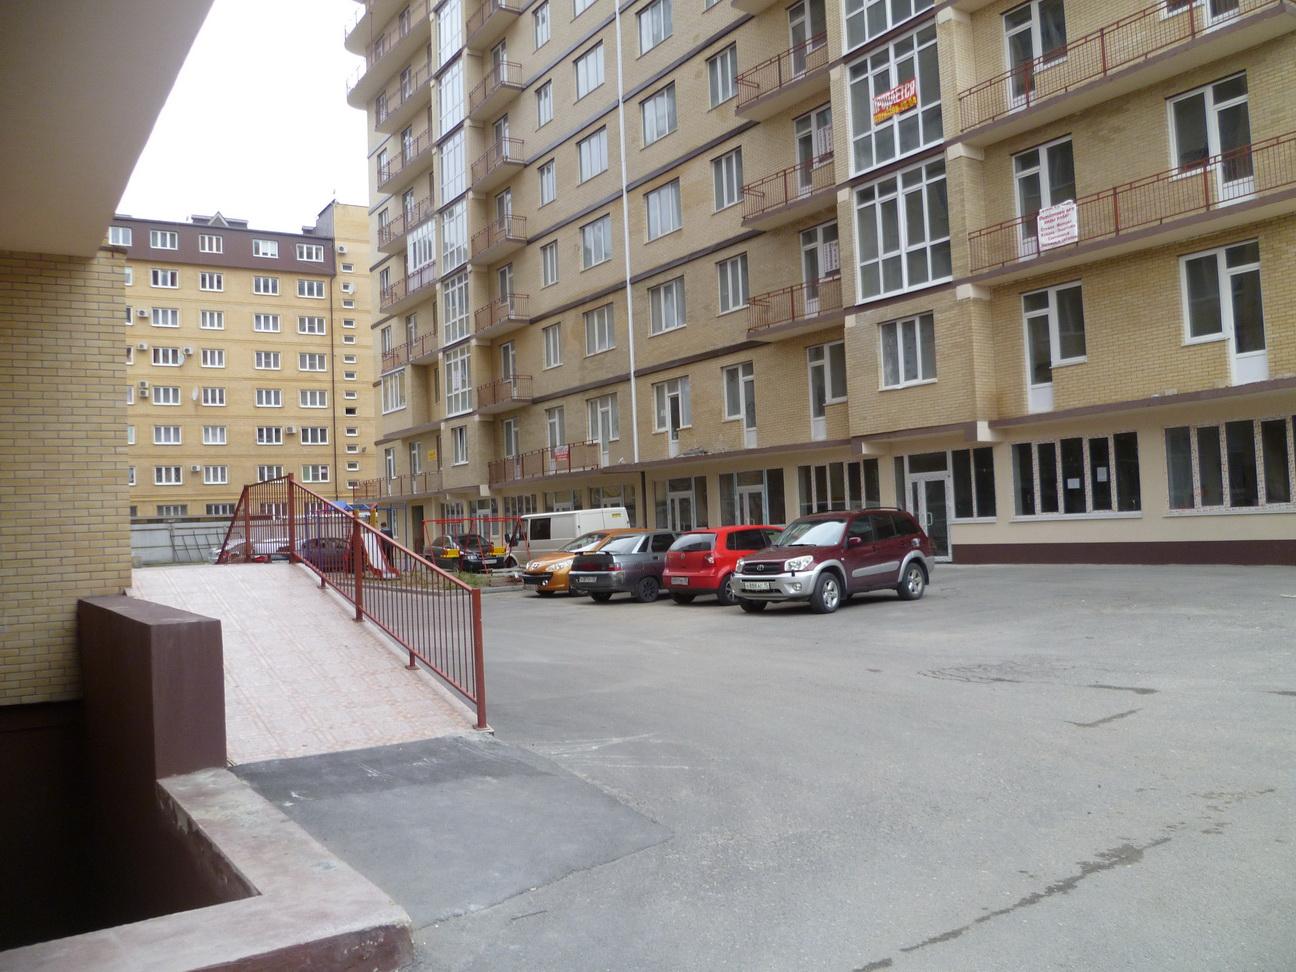 Срочно продается 1-комнатная квартира в сданном доме г. Ессентуки, ул. Октябрьская 337 корпус 3